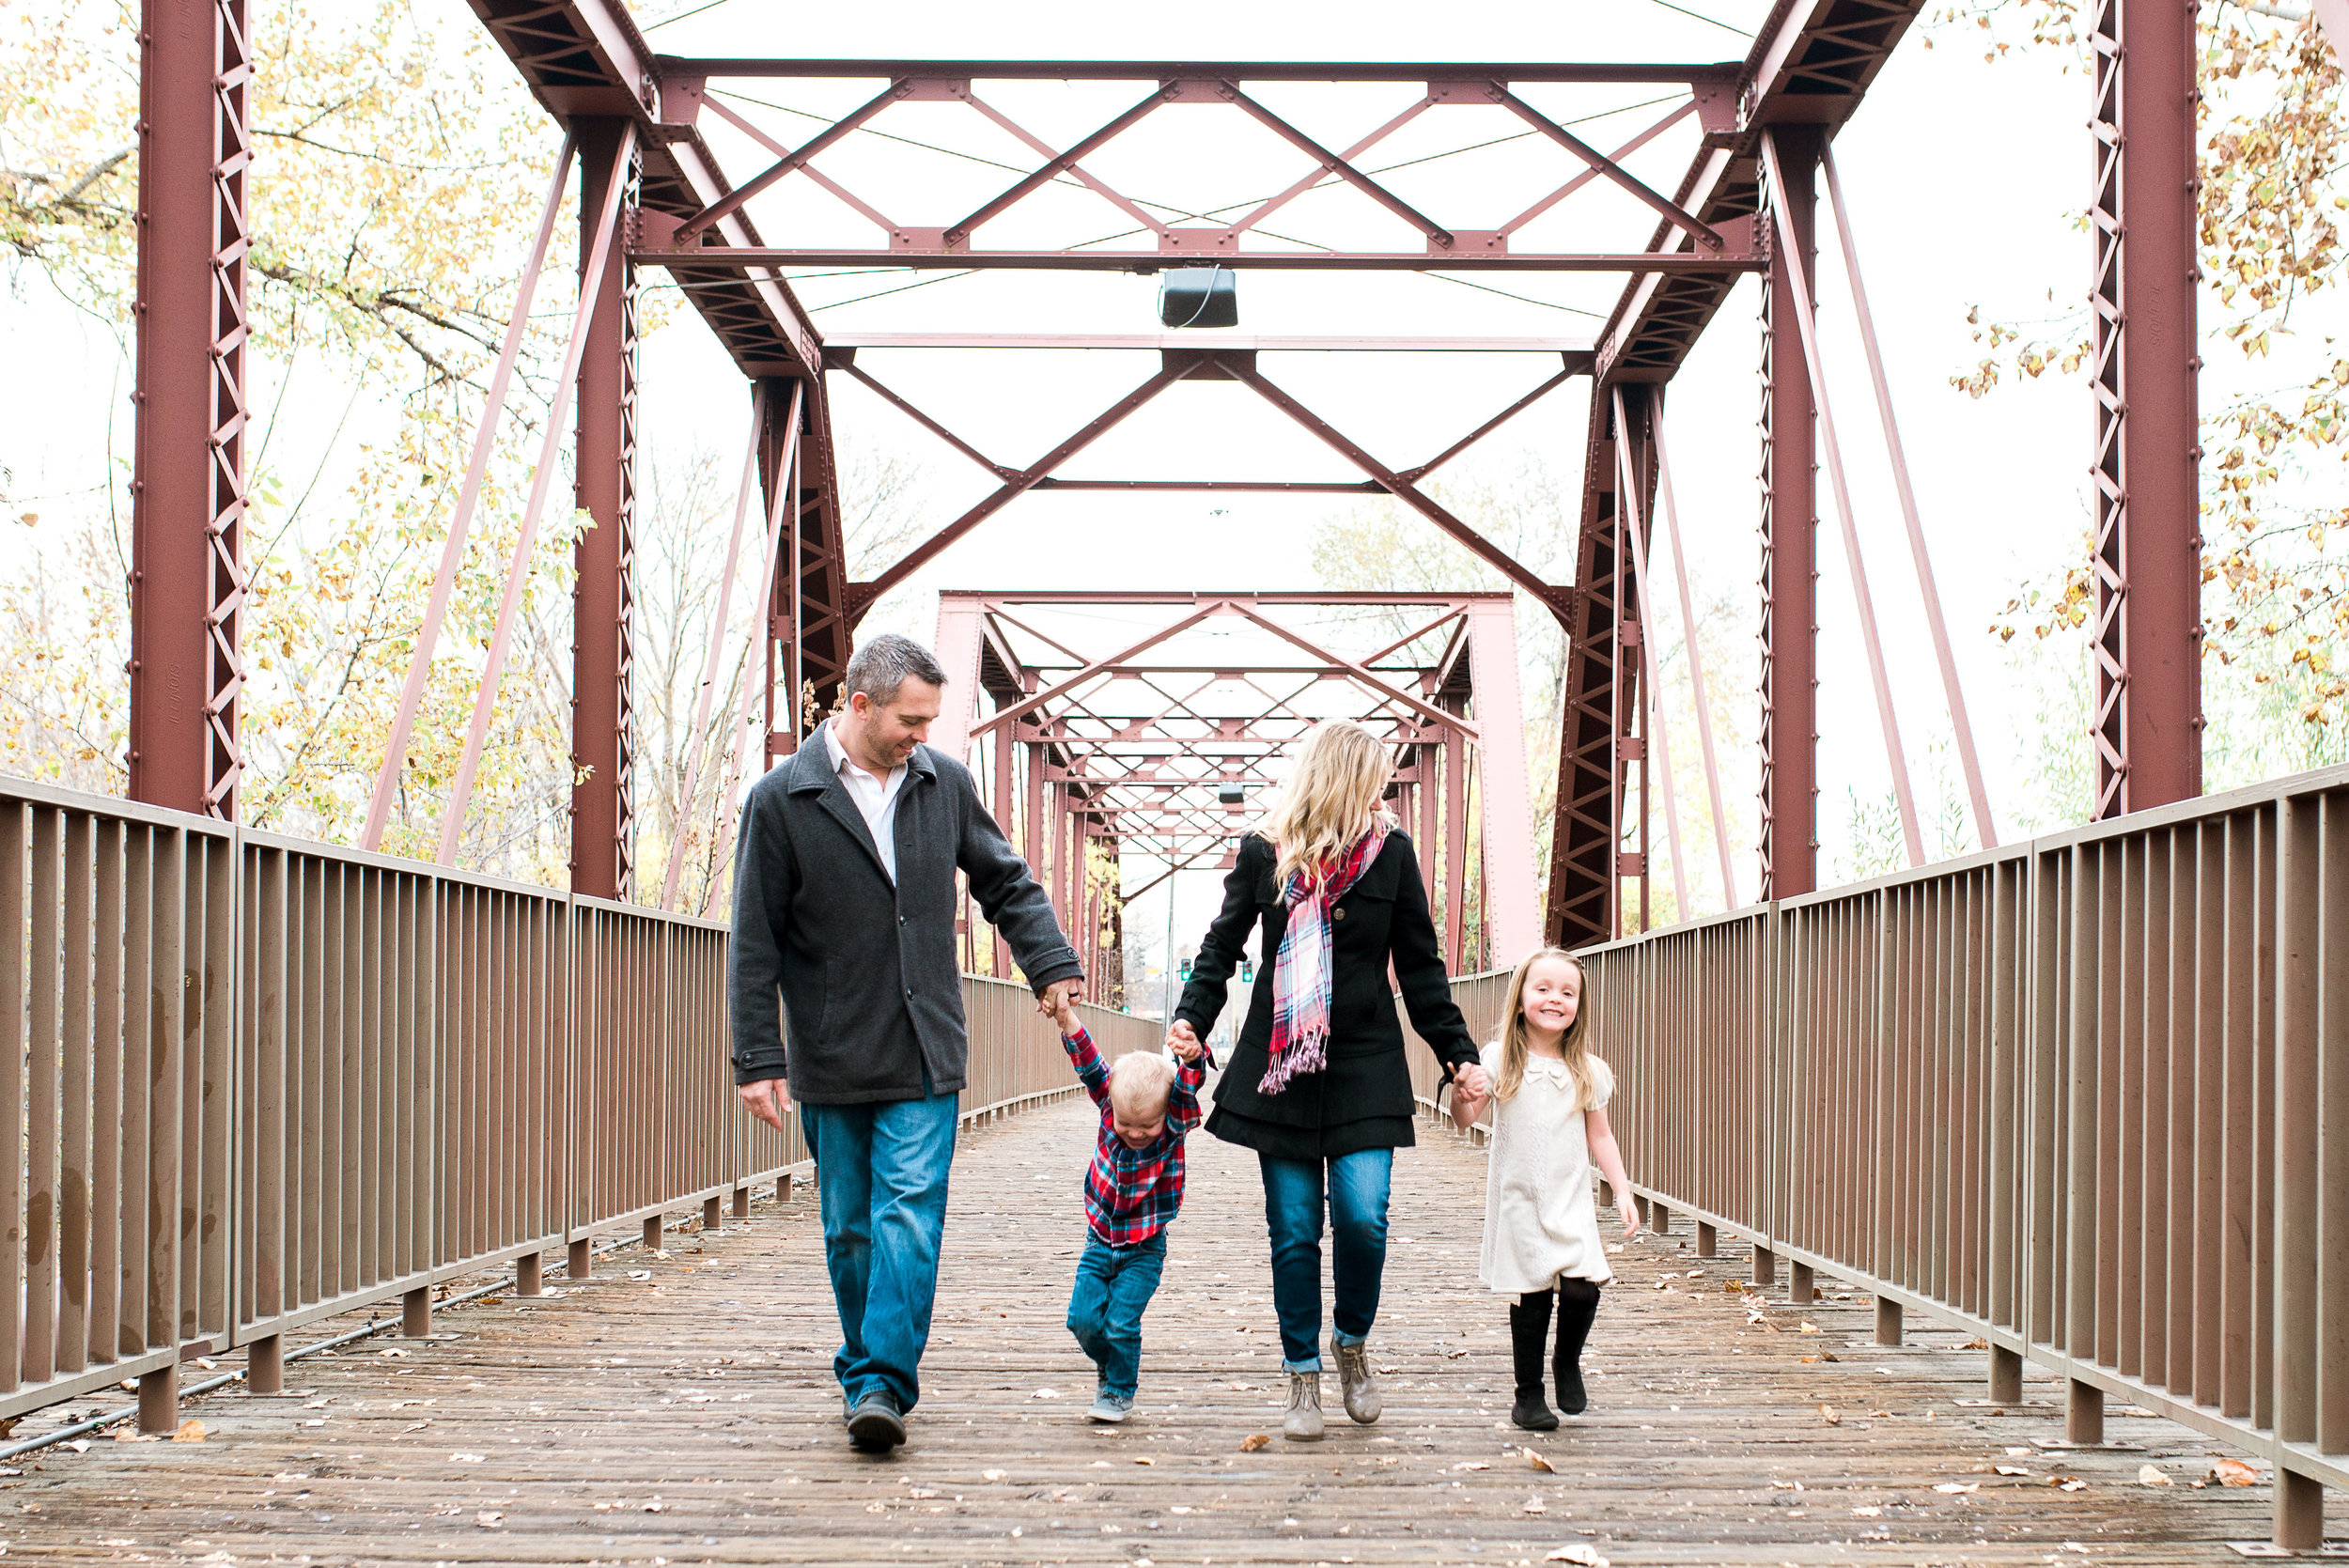 boise-id-family-photographer-family-on-bridge.jpg